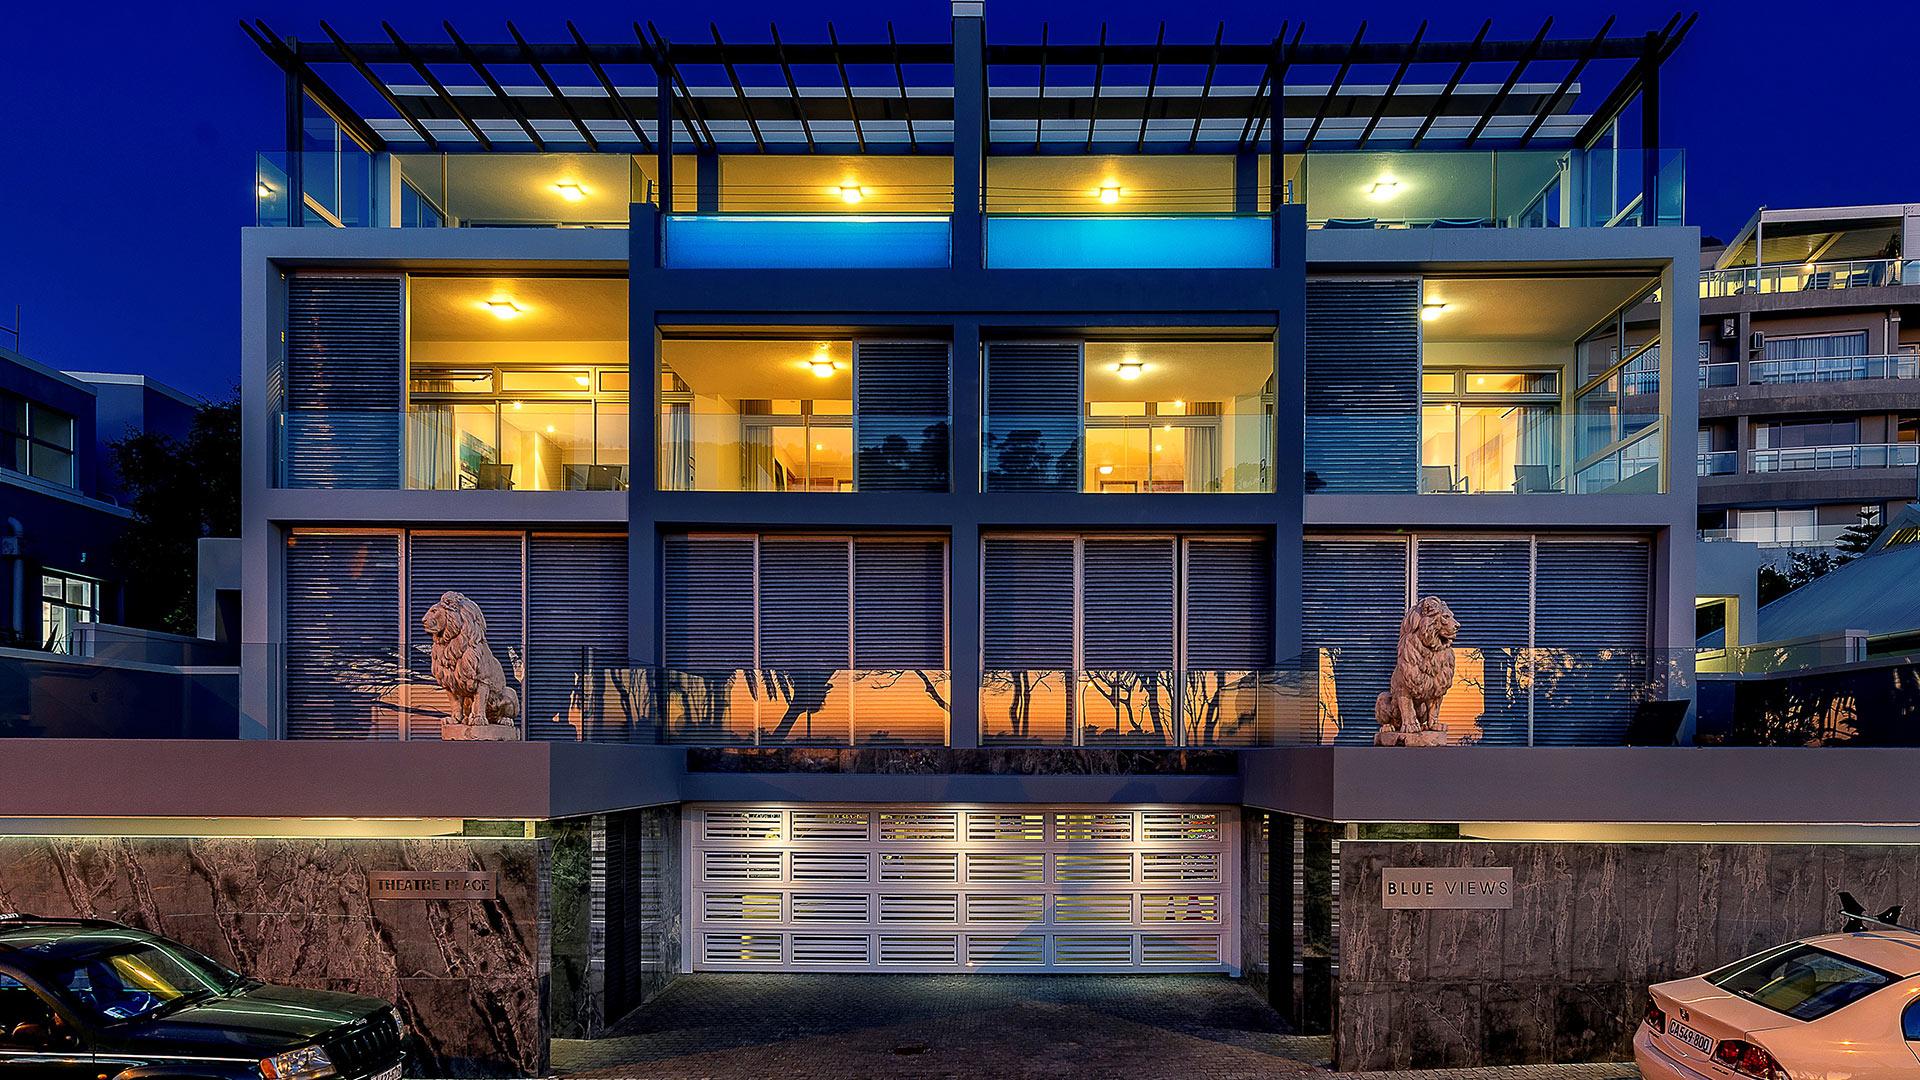 blue-views-villas-penthouse-4-12